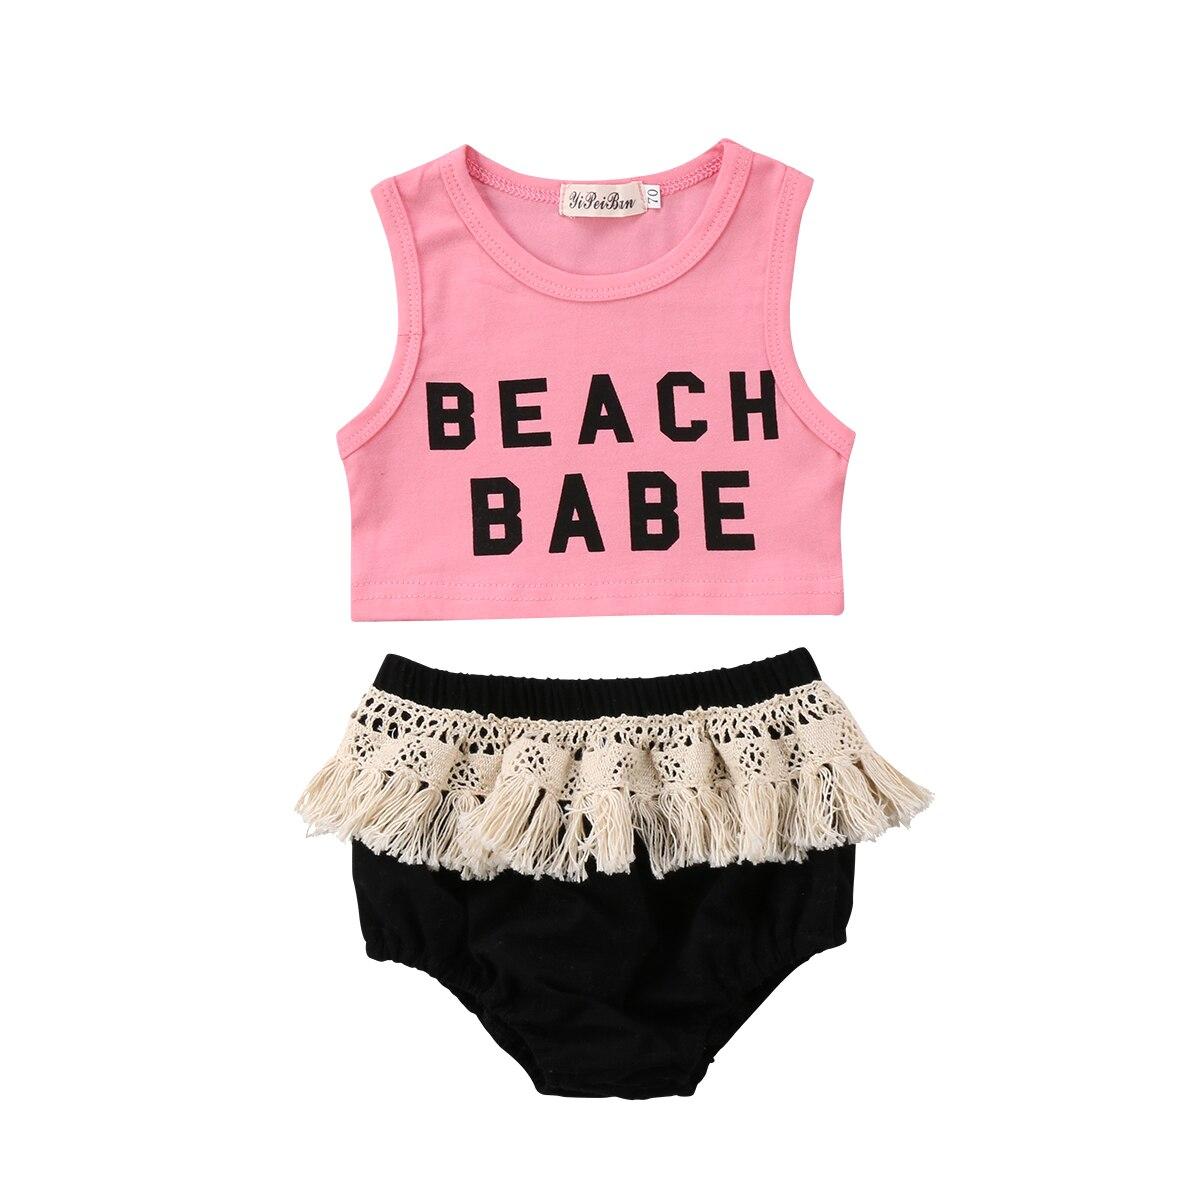 Compra beach babes y disfruta del envío gratuito en AliExpress.com